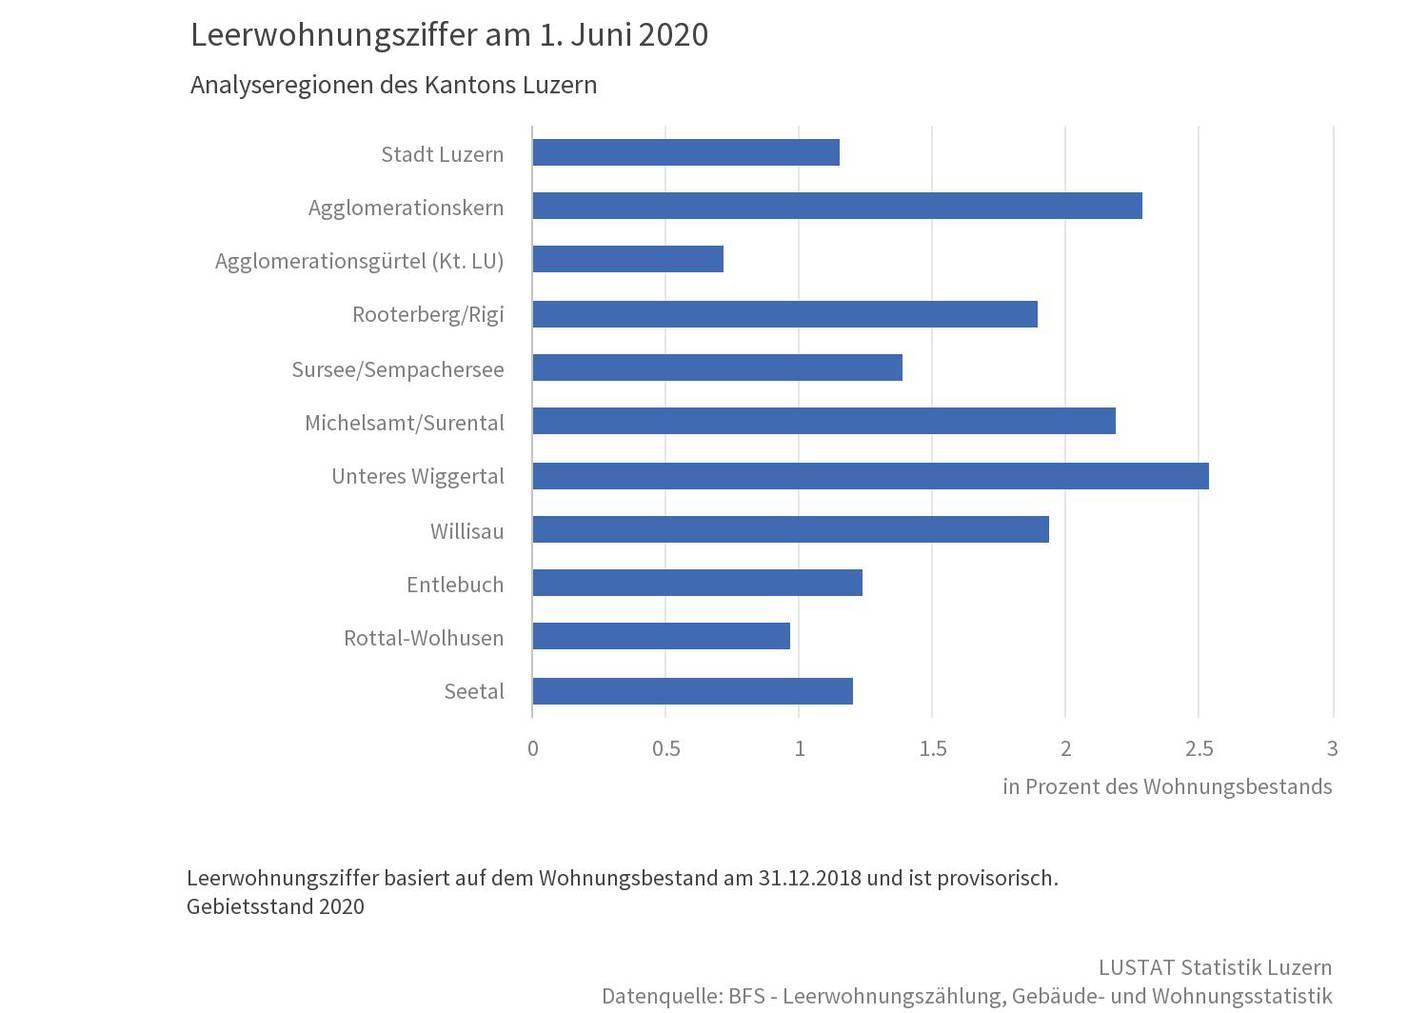 Leerwohnungsziffer 2020 nach Regionen